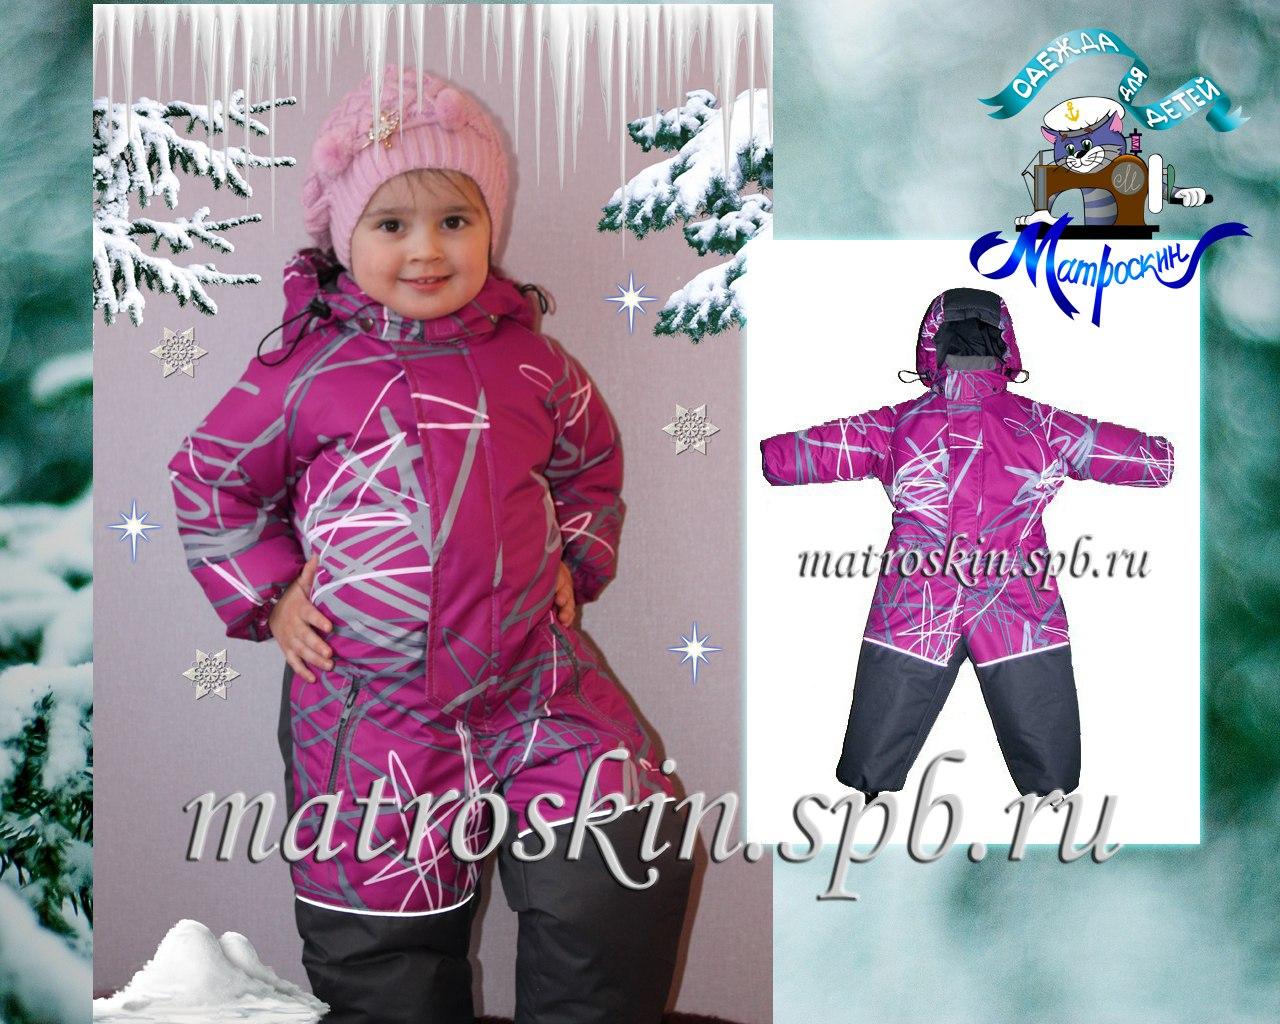 Сбор заказов. Утепляемся! Верхняя одежда для детей, цены от производителя. Мембранные костюмы, комбинезоны, куртки и штаны! Выкуп 10.